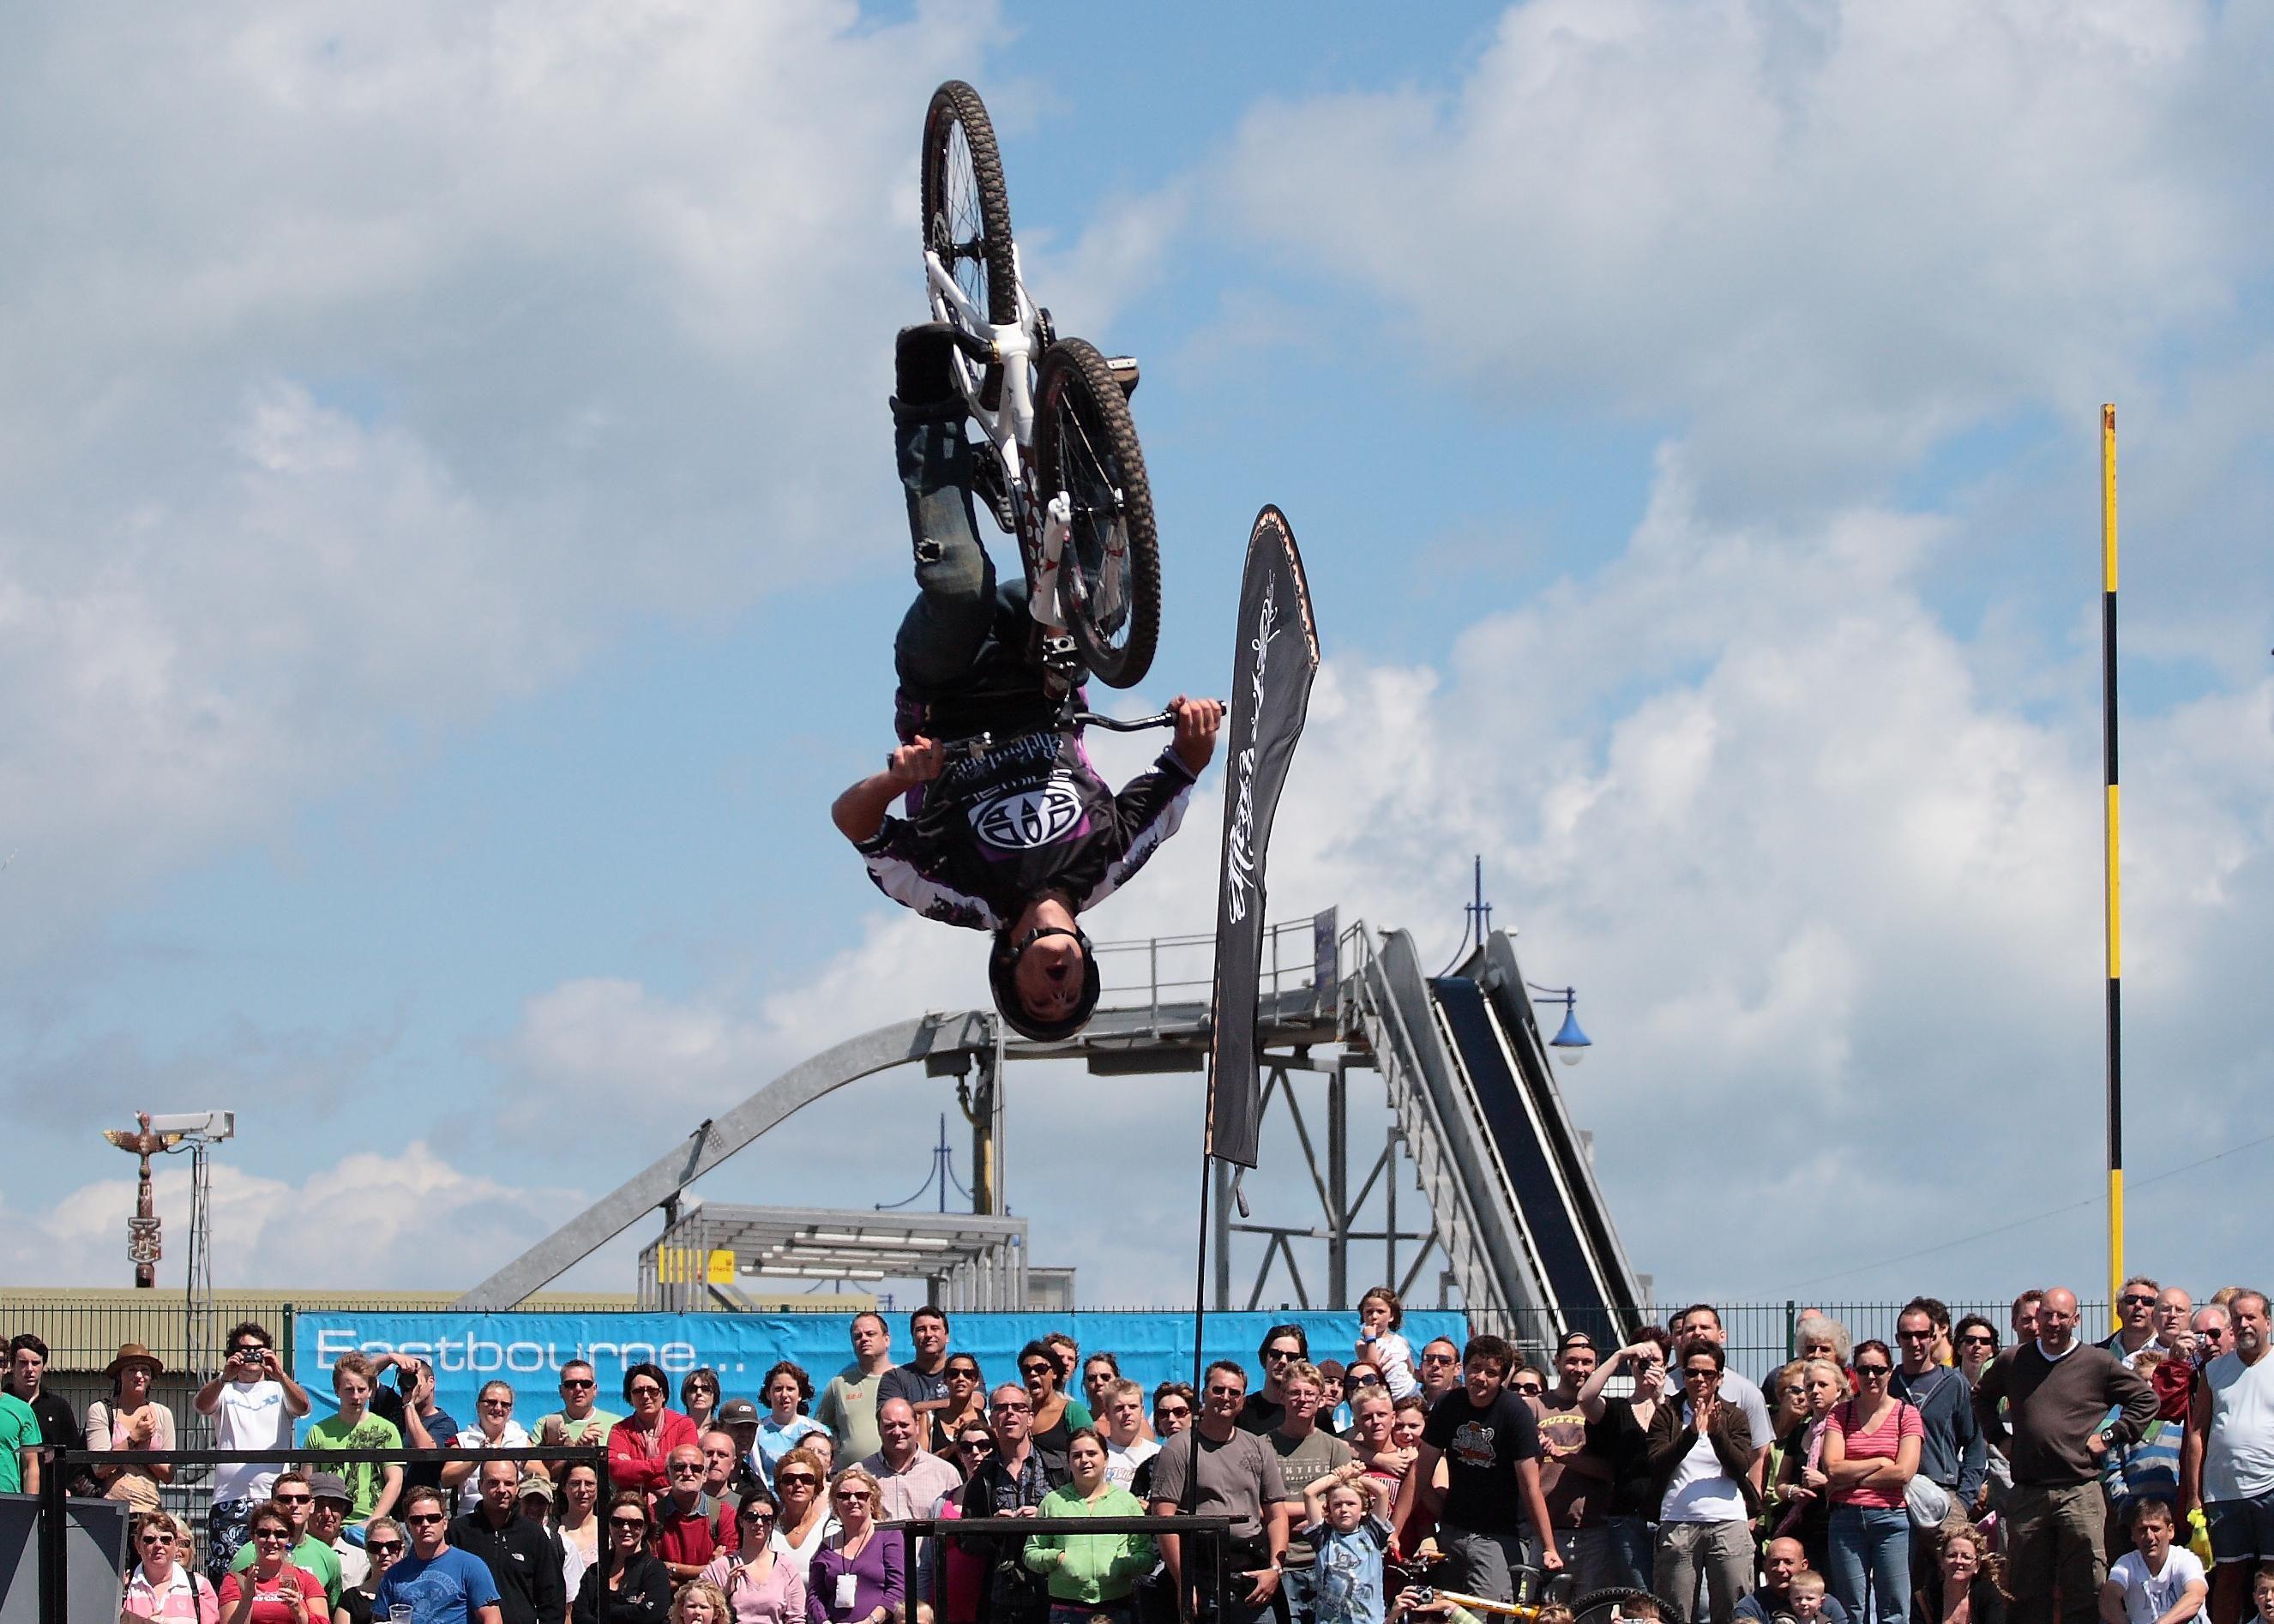 Biker_jump_sport